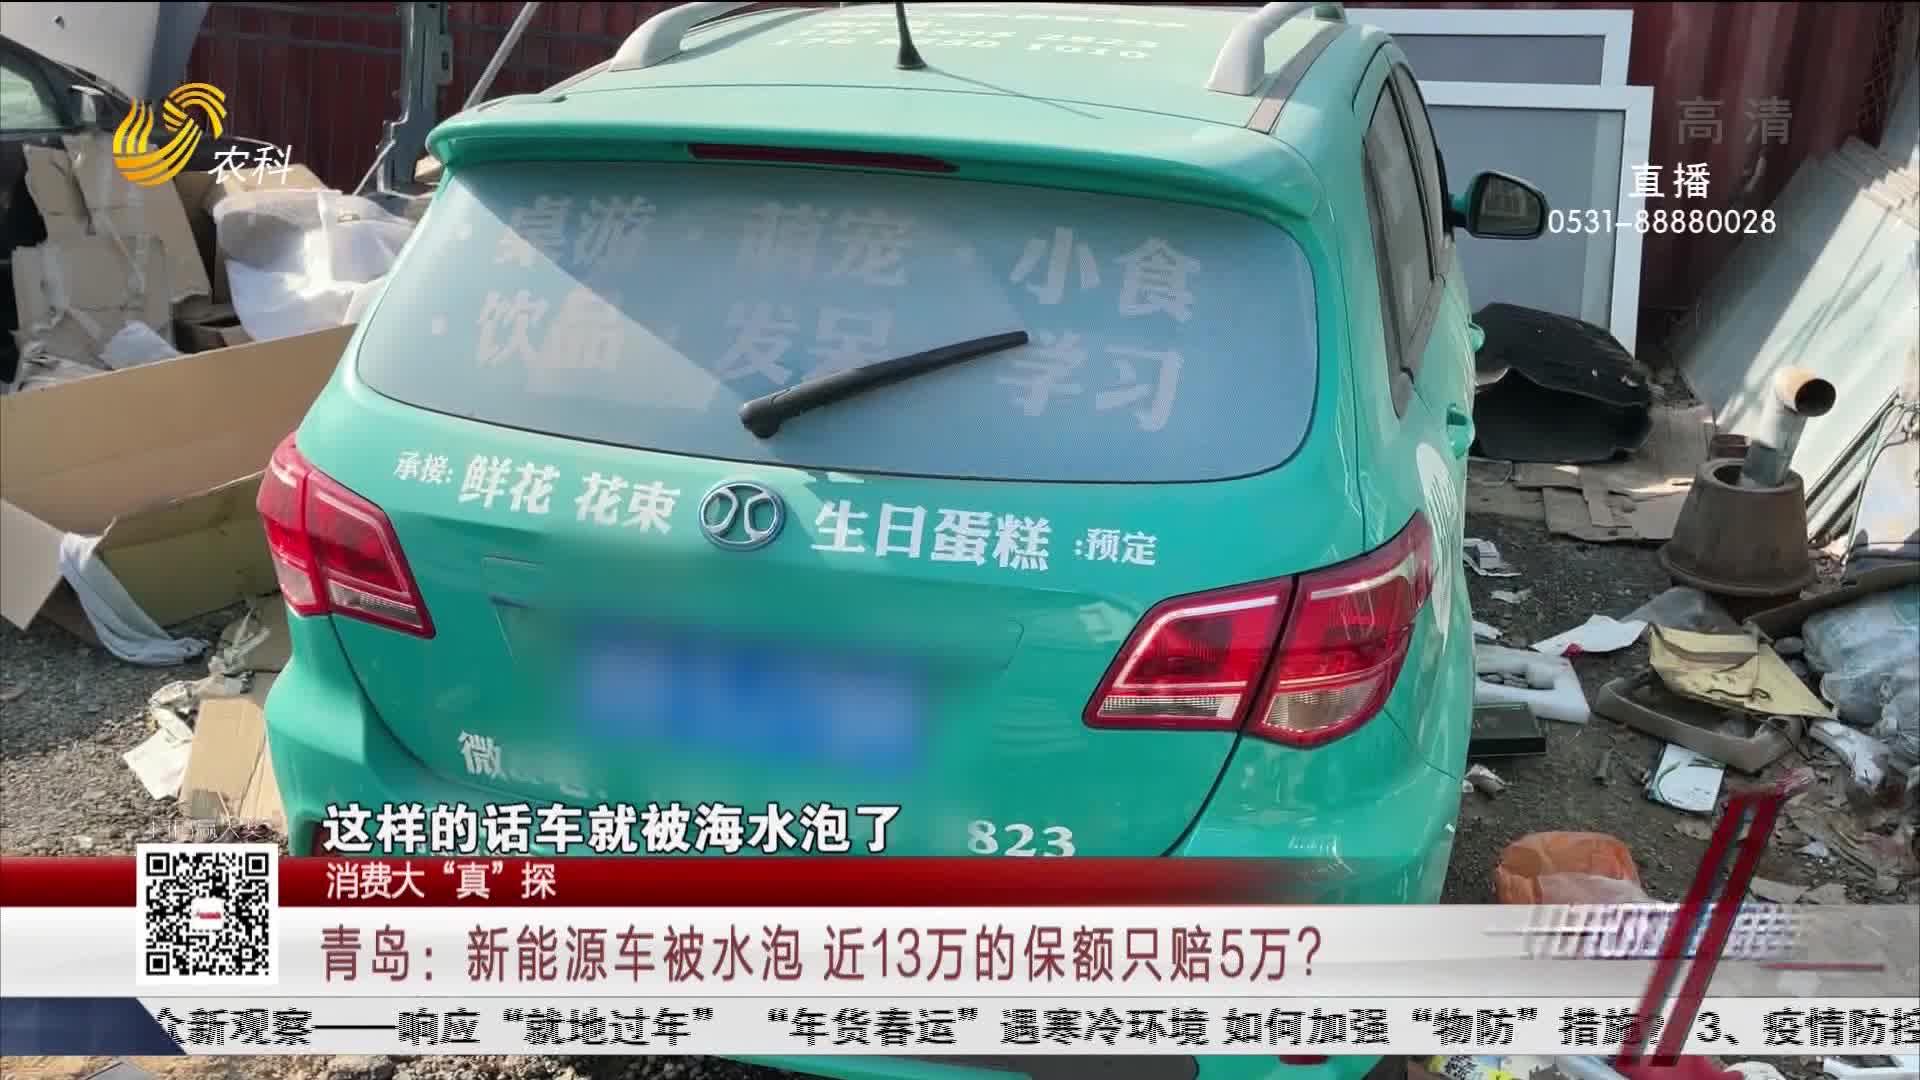 """【消费大""""真""""探】青岛:新能源车被水泡 近13万的保额只赔5万?"""